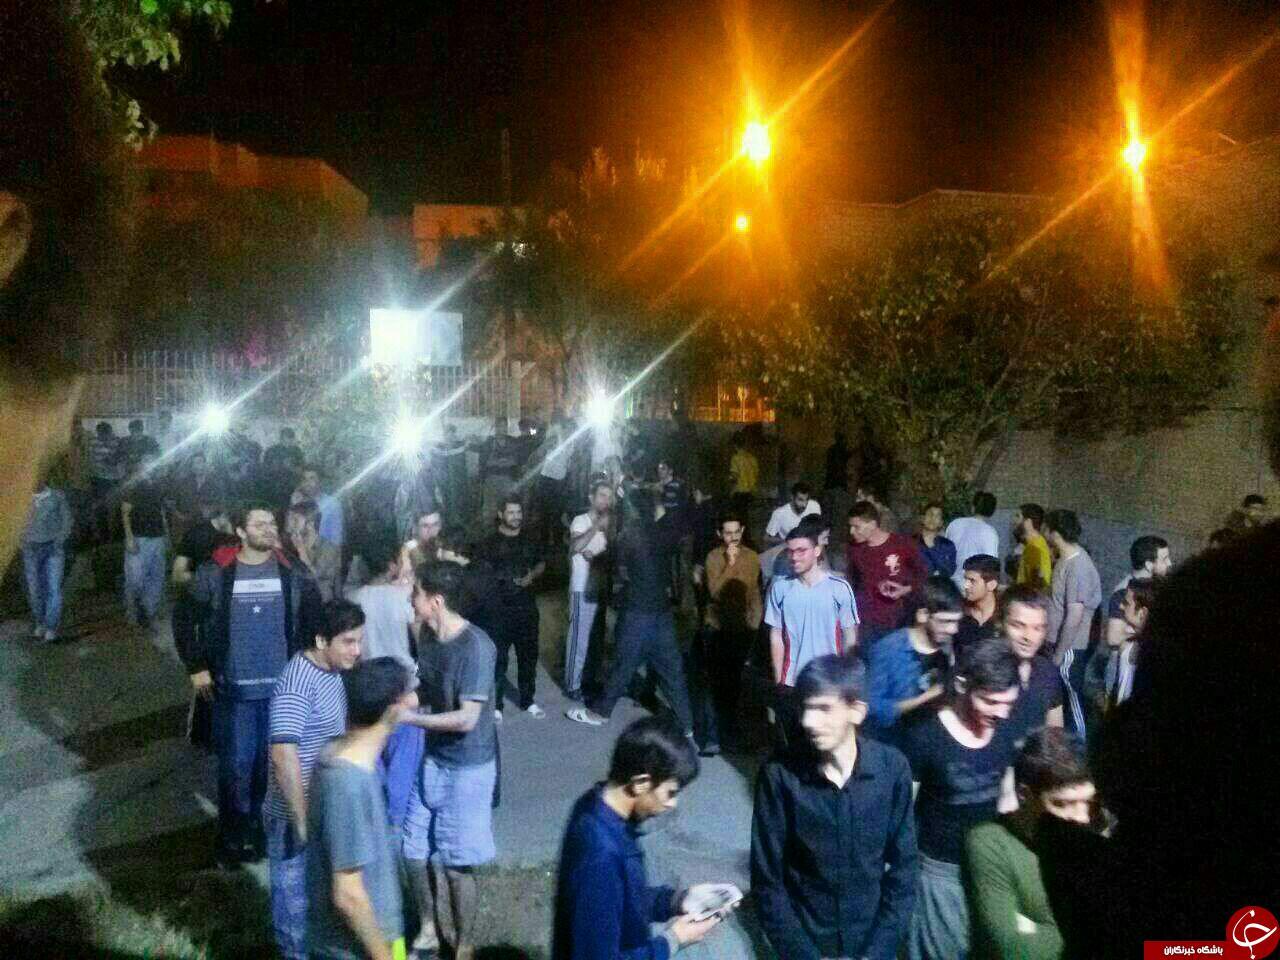 بالصور..زلزال عنیف هز غرب ایران